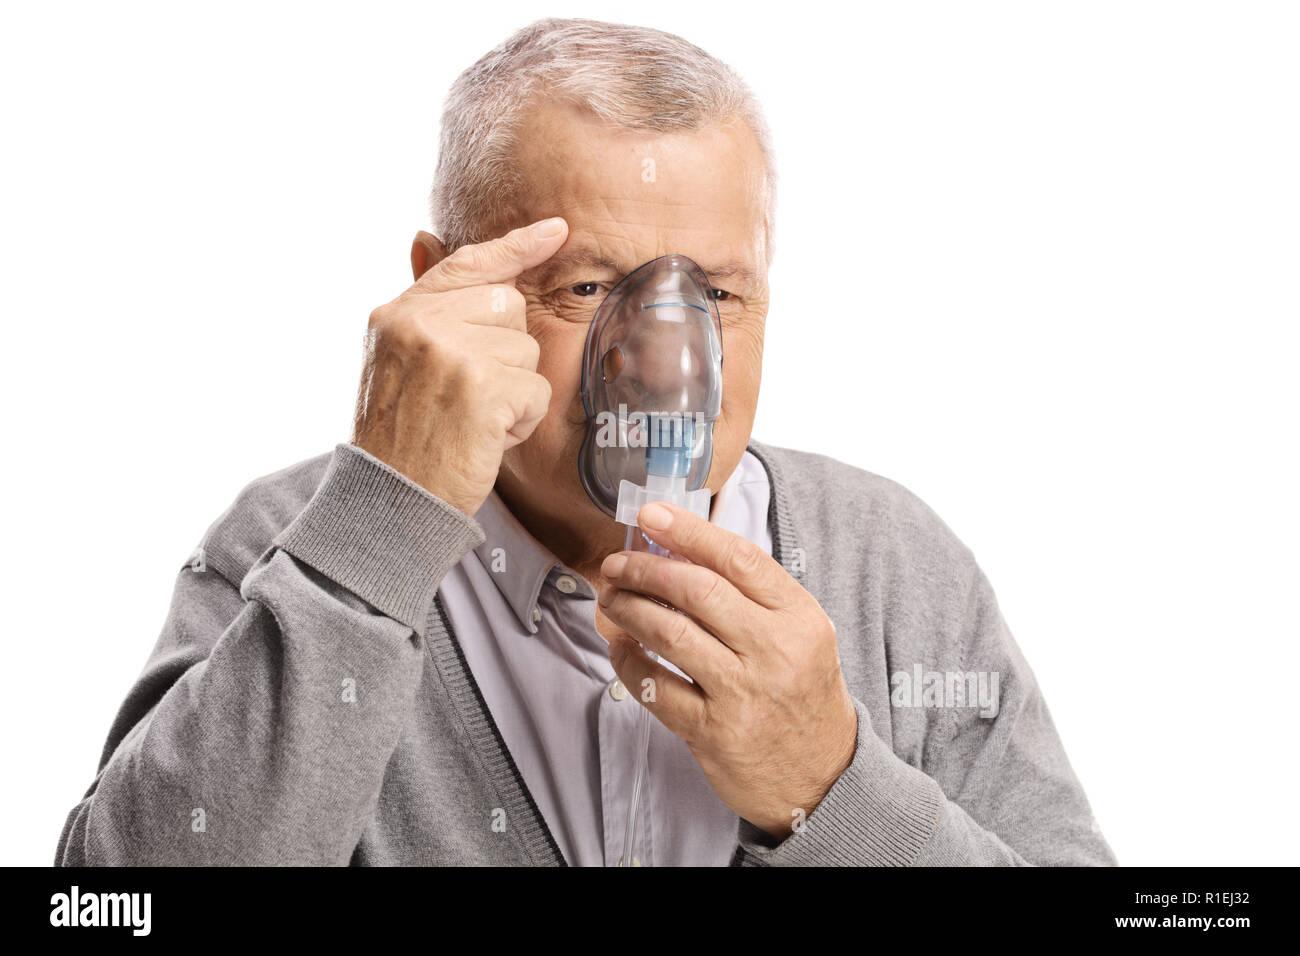 Elderly man using an inhalation mask isolated on white background - Stock Image